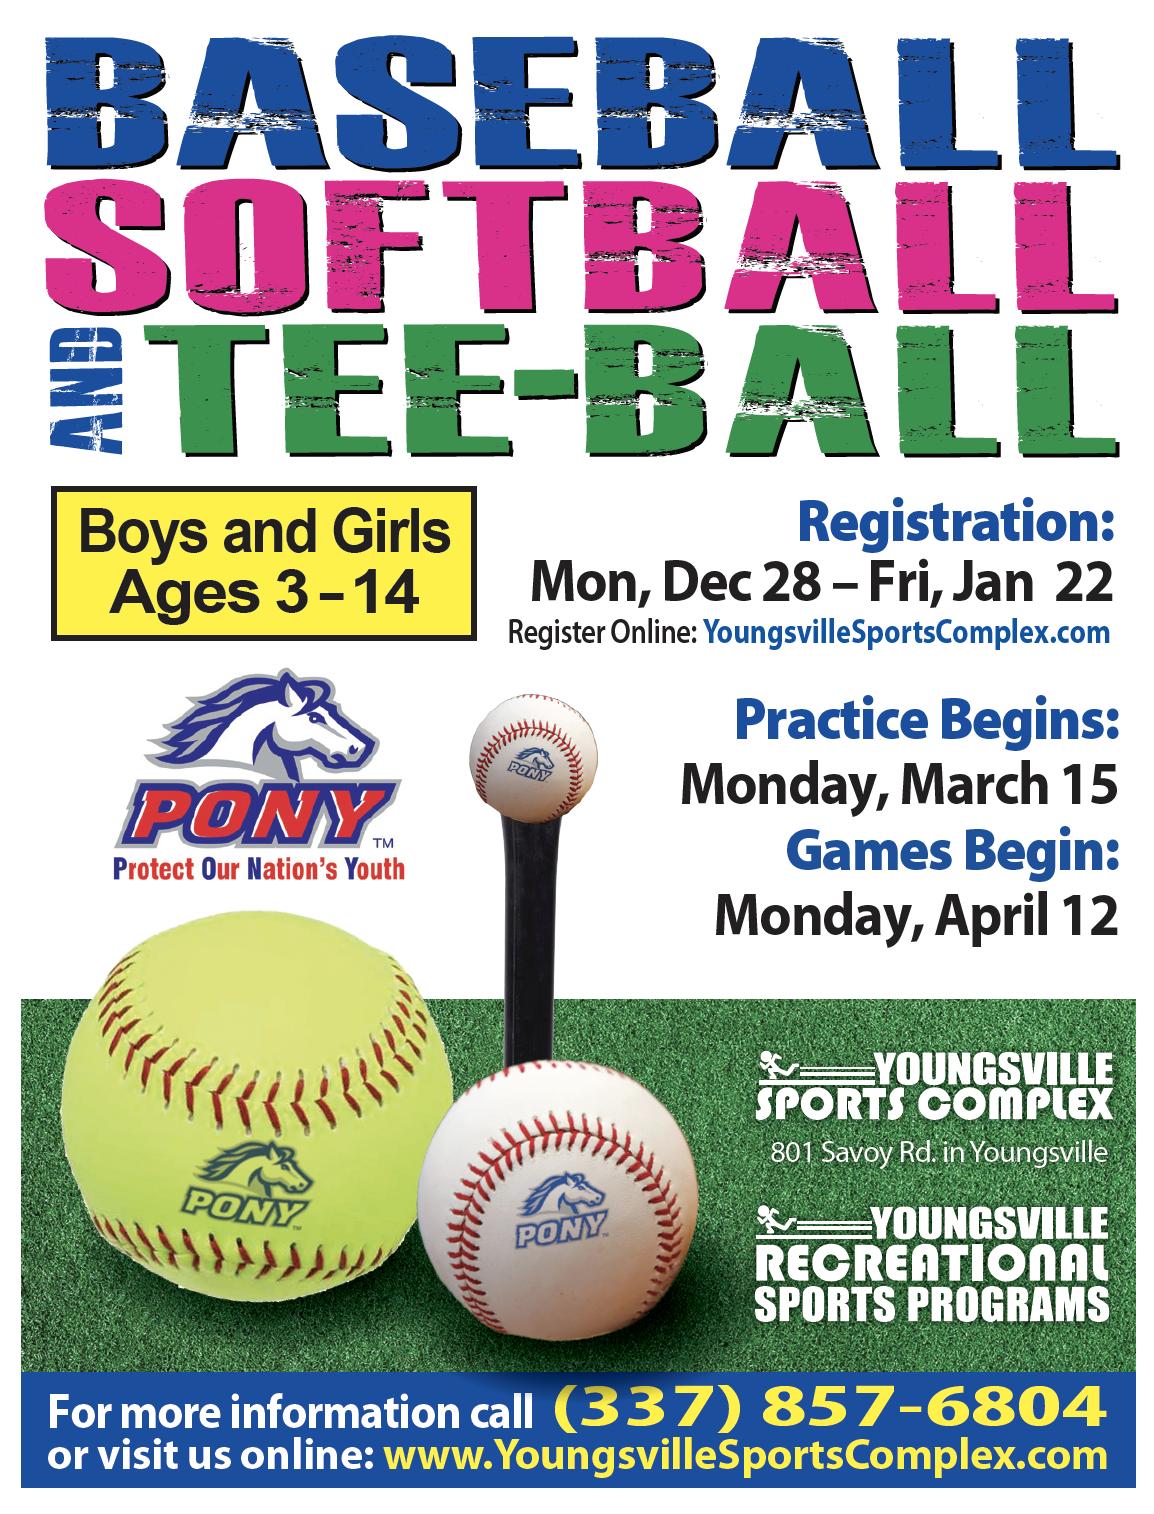 Register for the 2021 Baseball, Softball, & Tee-ball season!